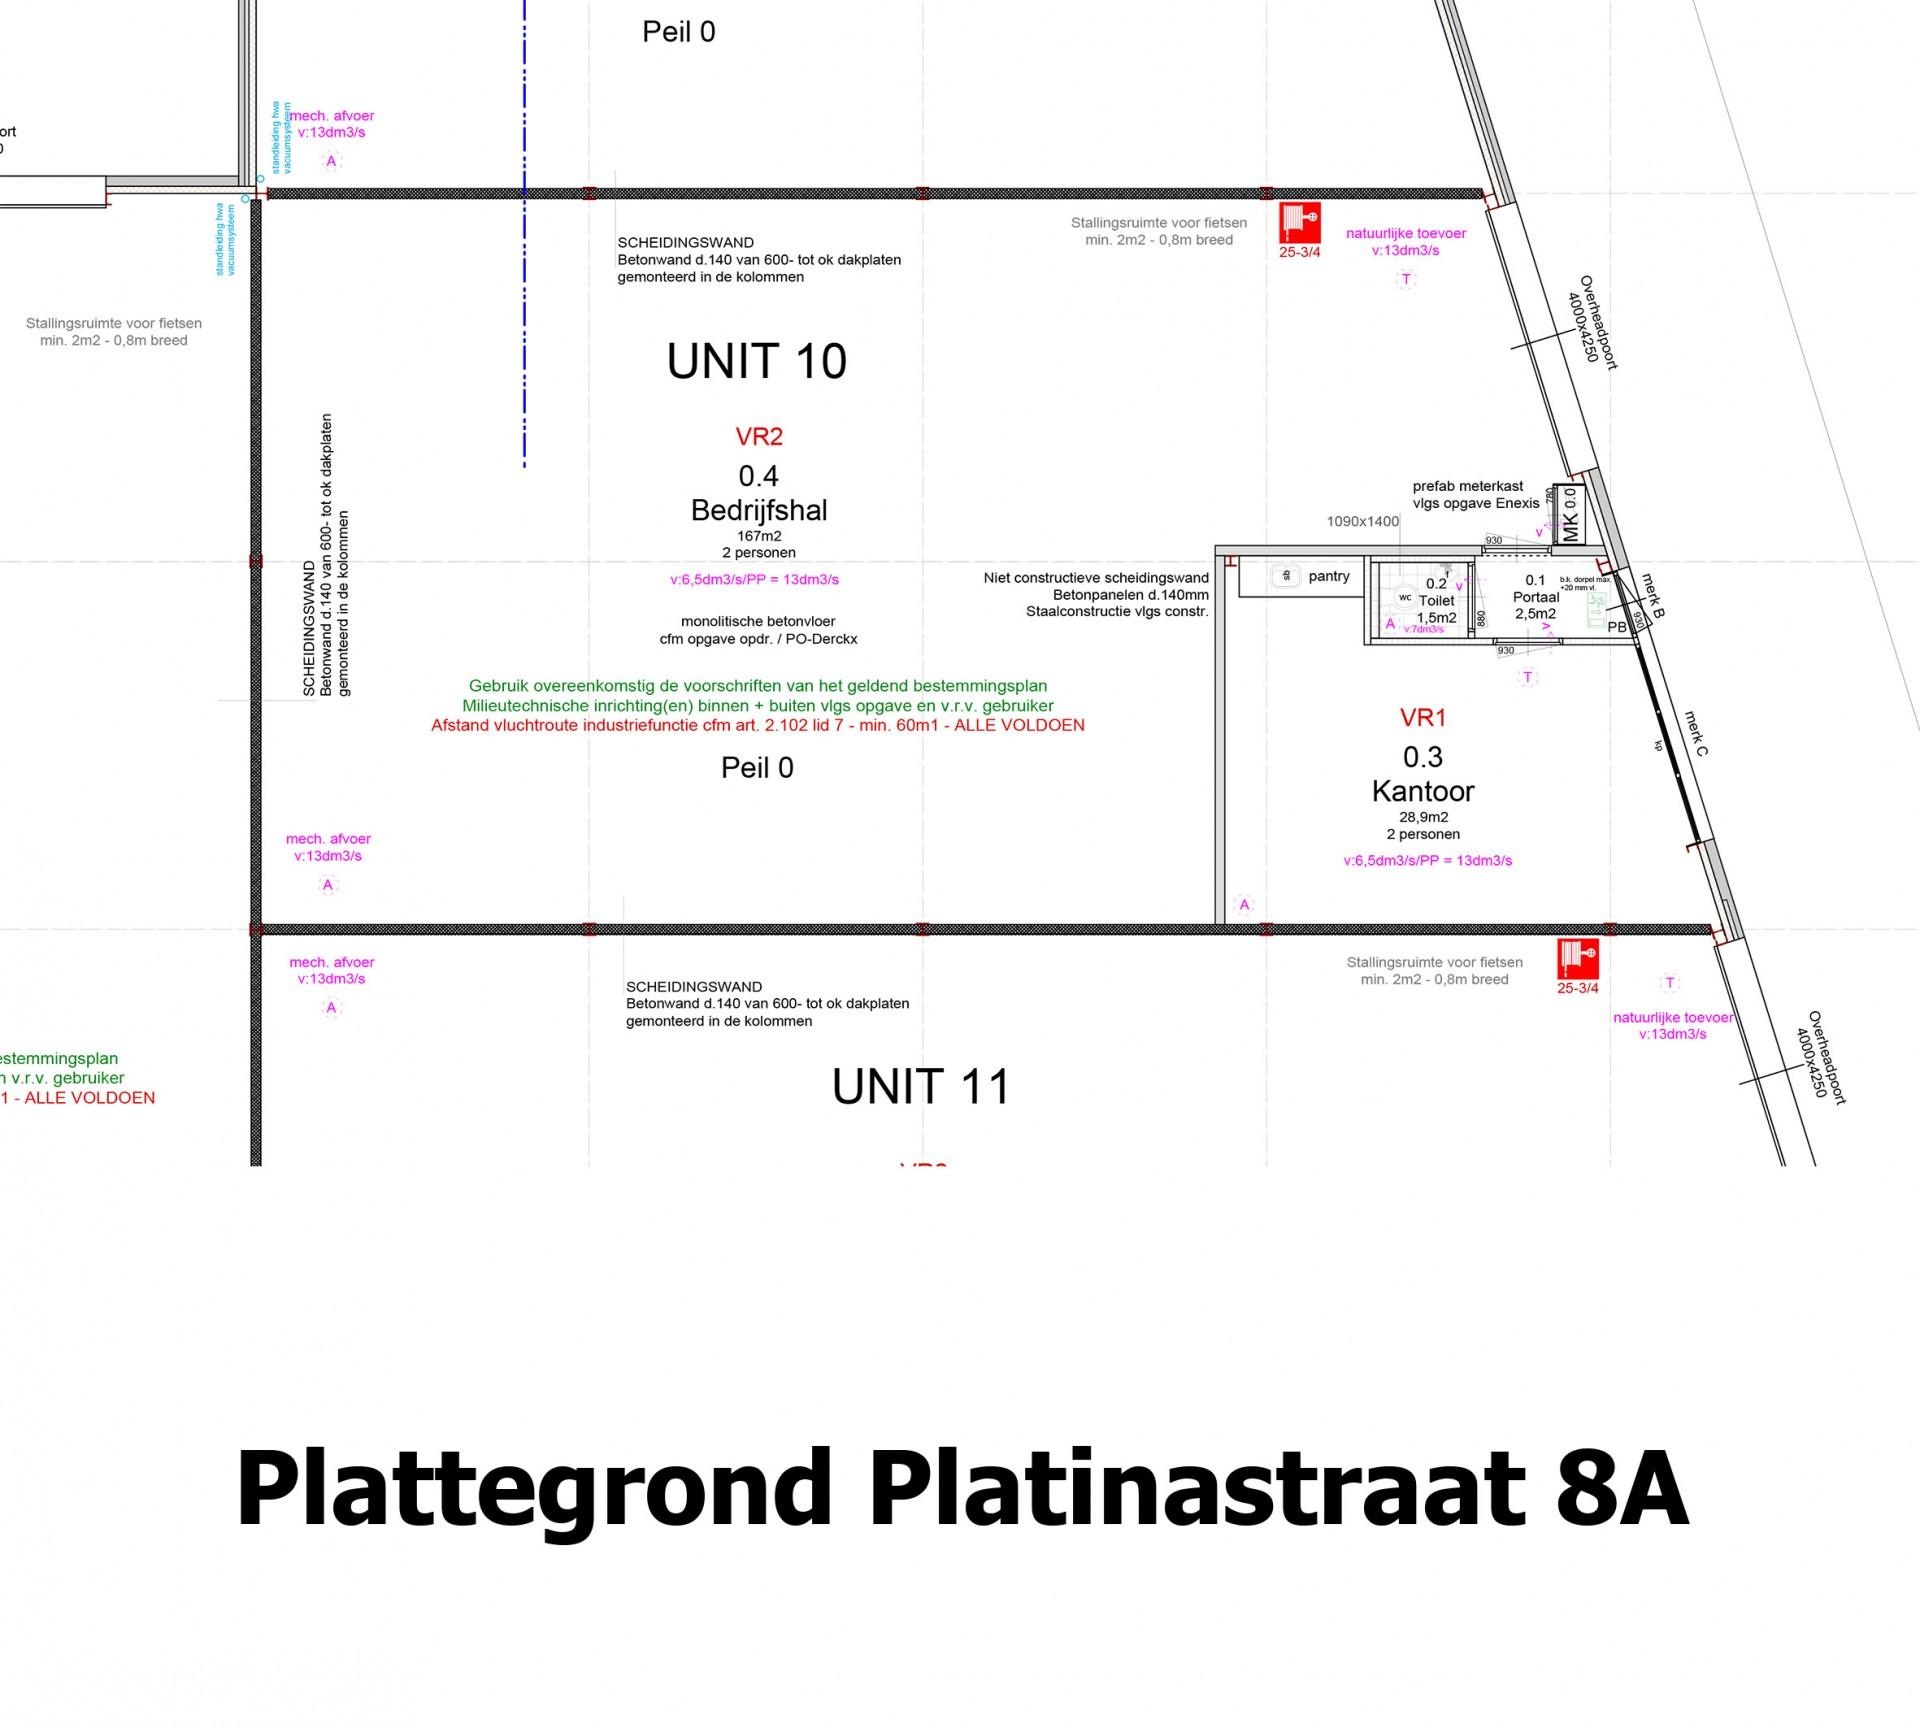 Plattegrond Platinastraat 8 A